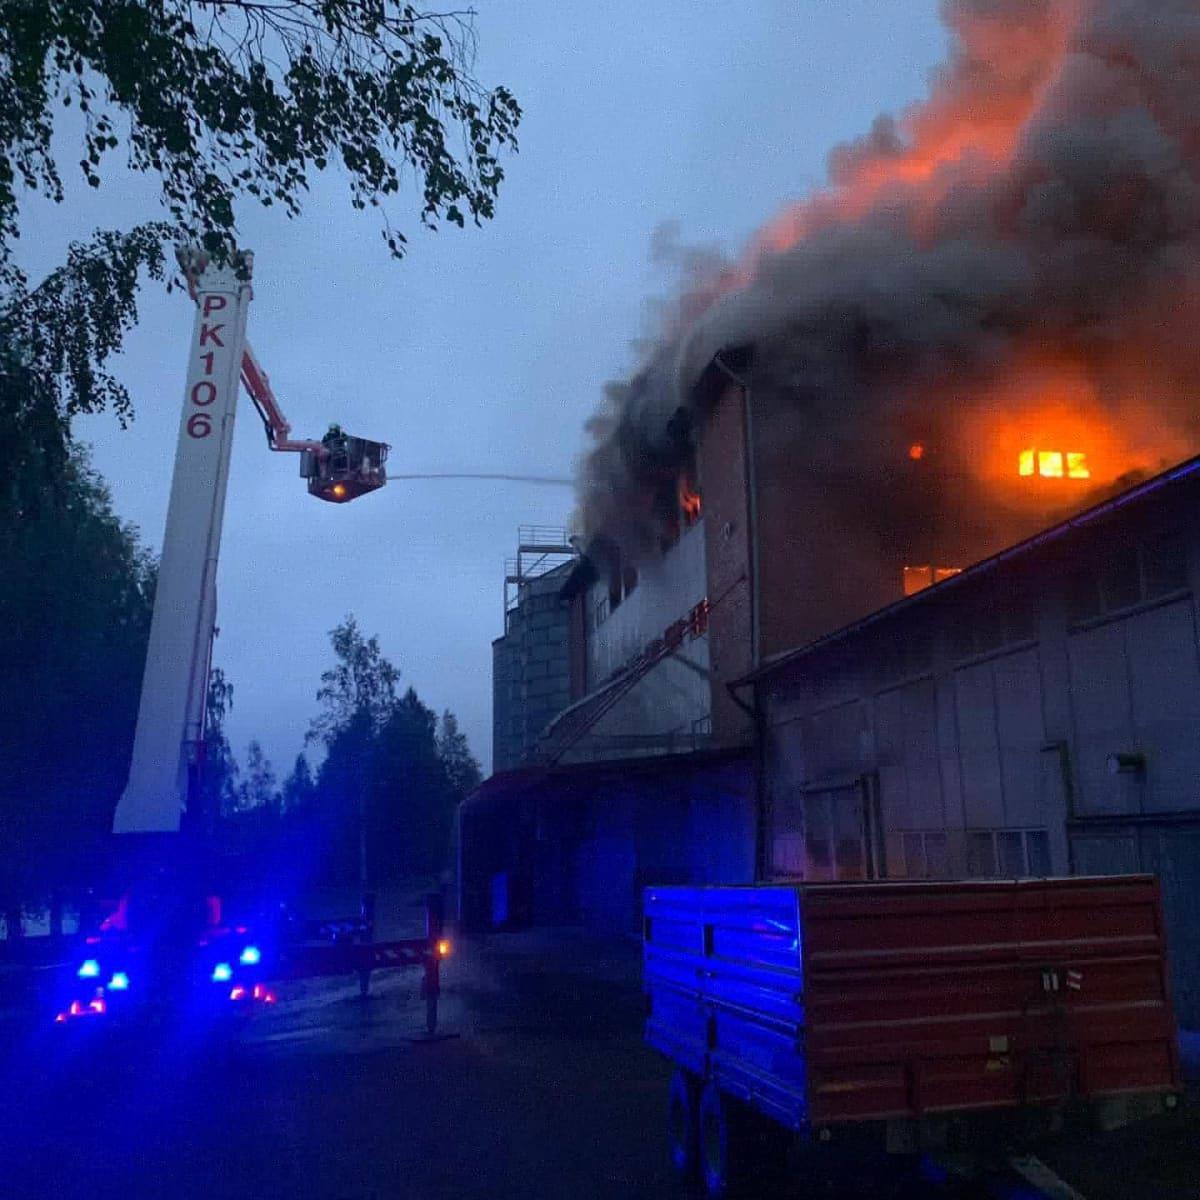 Liperin Mylly liekeissä aamyöllä Pohjois-Karjalan Liperissä 5. kesäkuuta.